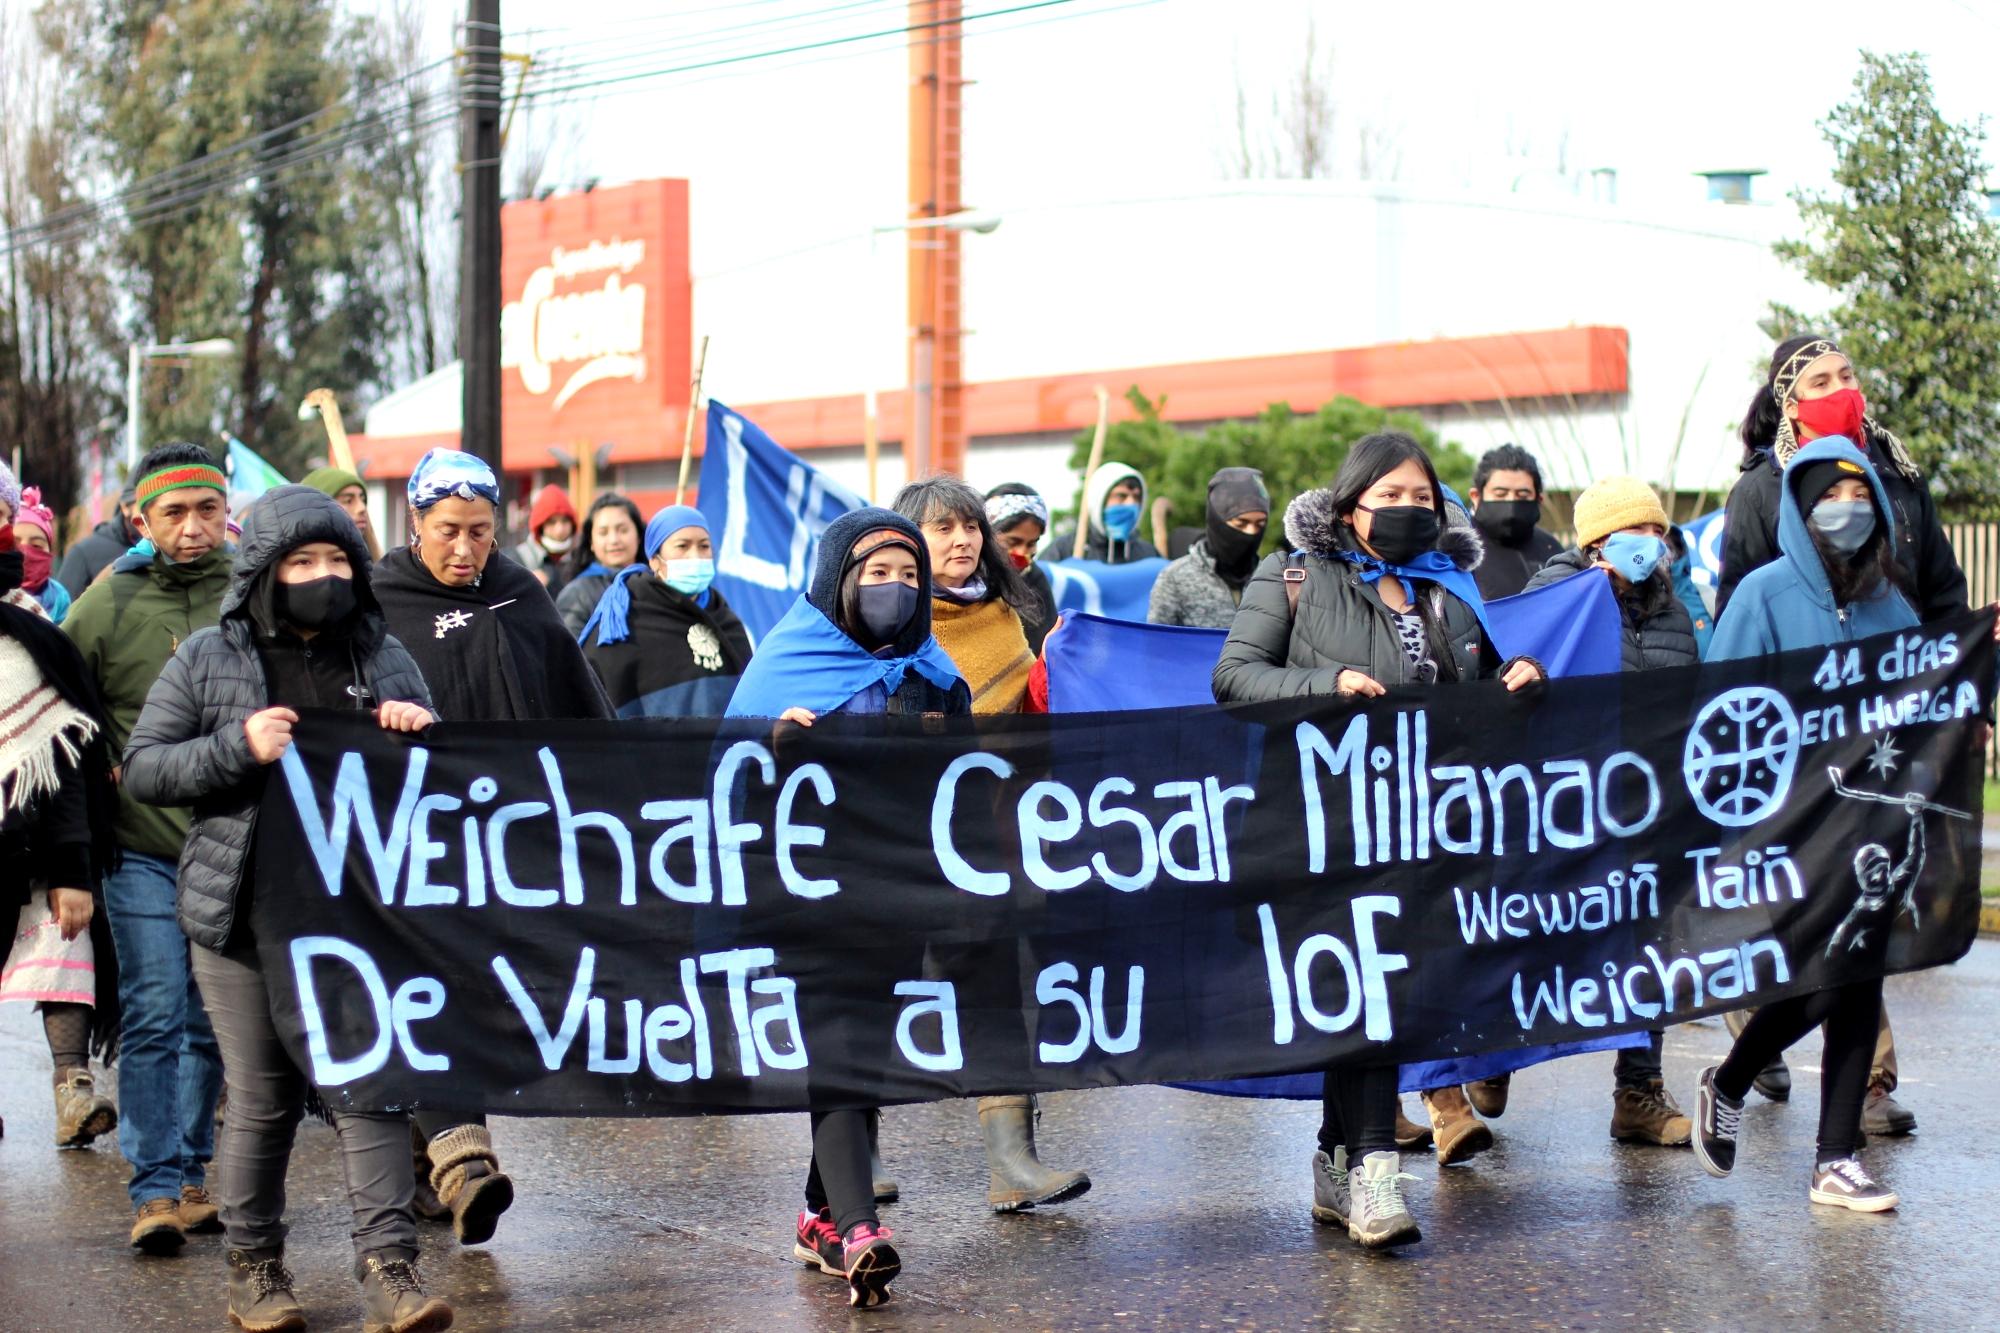 En las últimas semanas, luego del acuerdo alcanzado entre el machi Celestino Córdova y el Gobierno, lejos de terminar, las movilizaciones han aumentado en apoyo a los 15 comuneros mapuche que aún se encuentran en huelga de hambre. Foto. Julio César Parra.